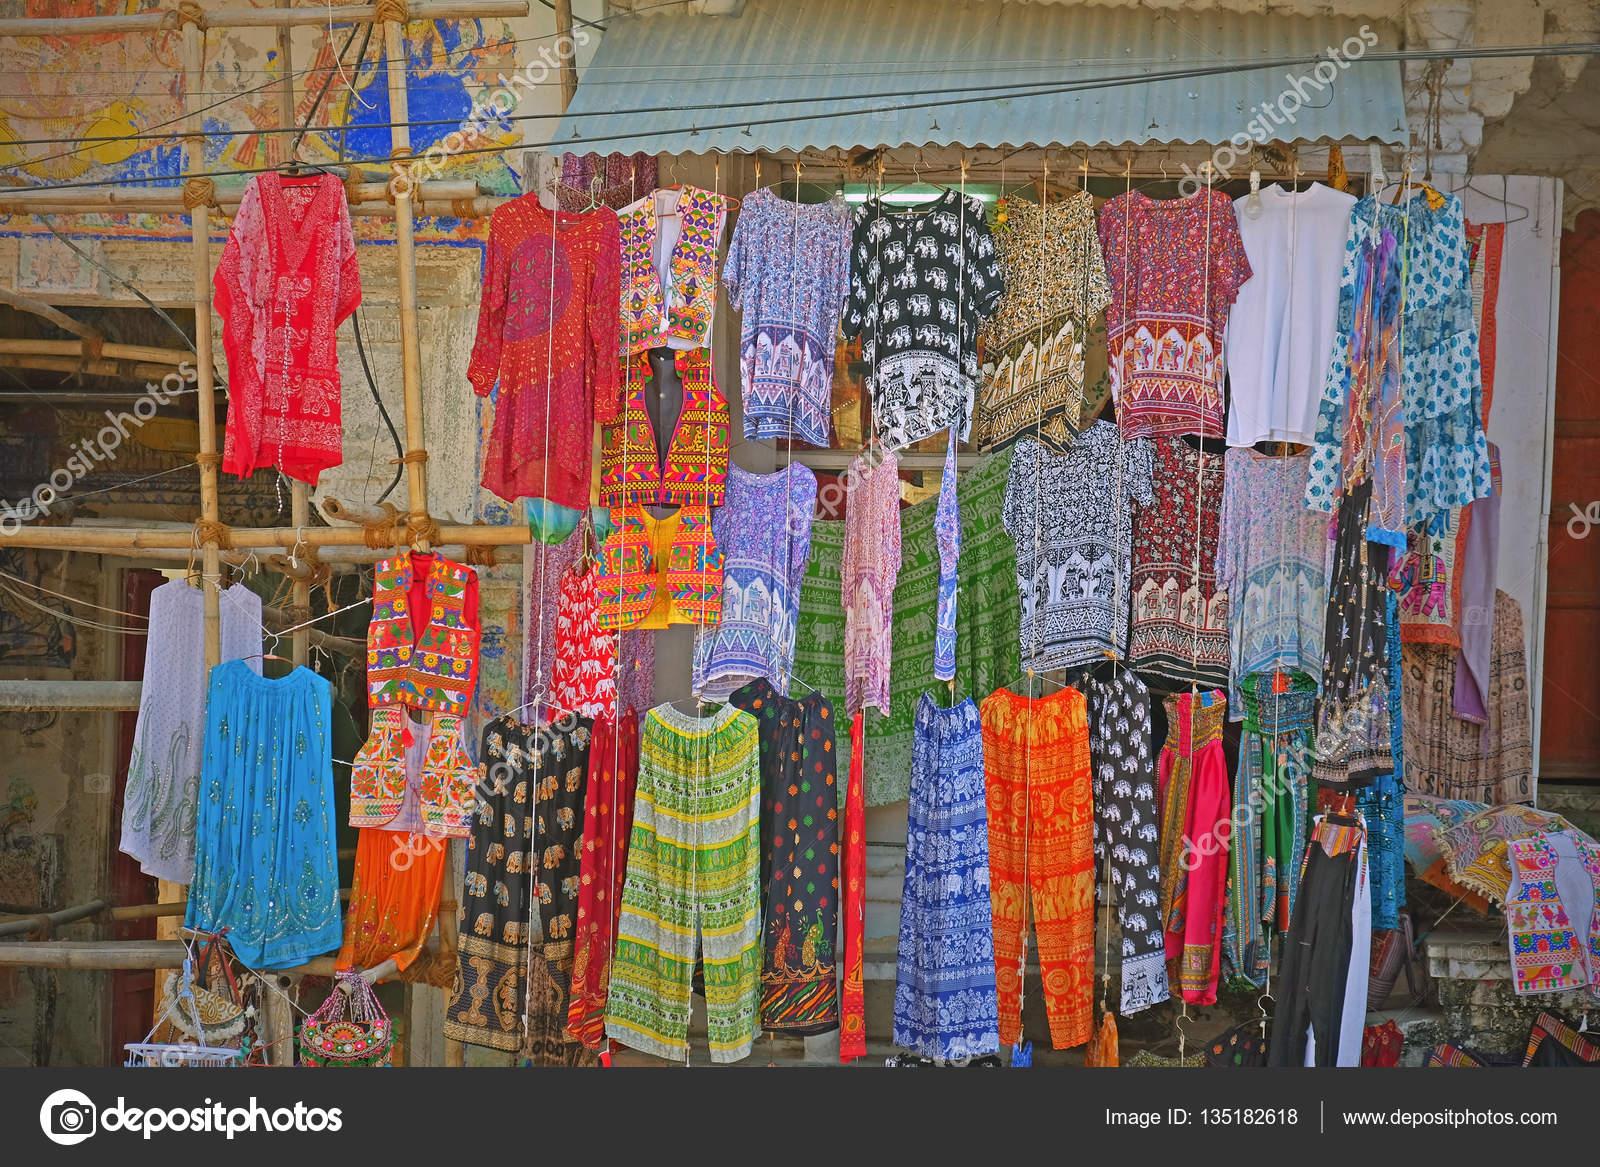 Te Koop Kleding.Kleding Te Koop In De Markt Van Een Indiase Straat Stockfoto